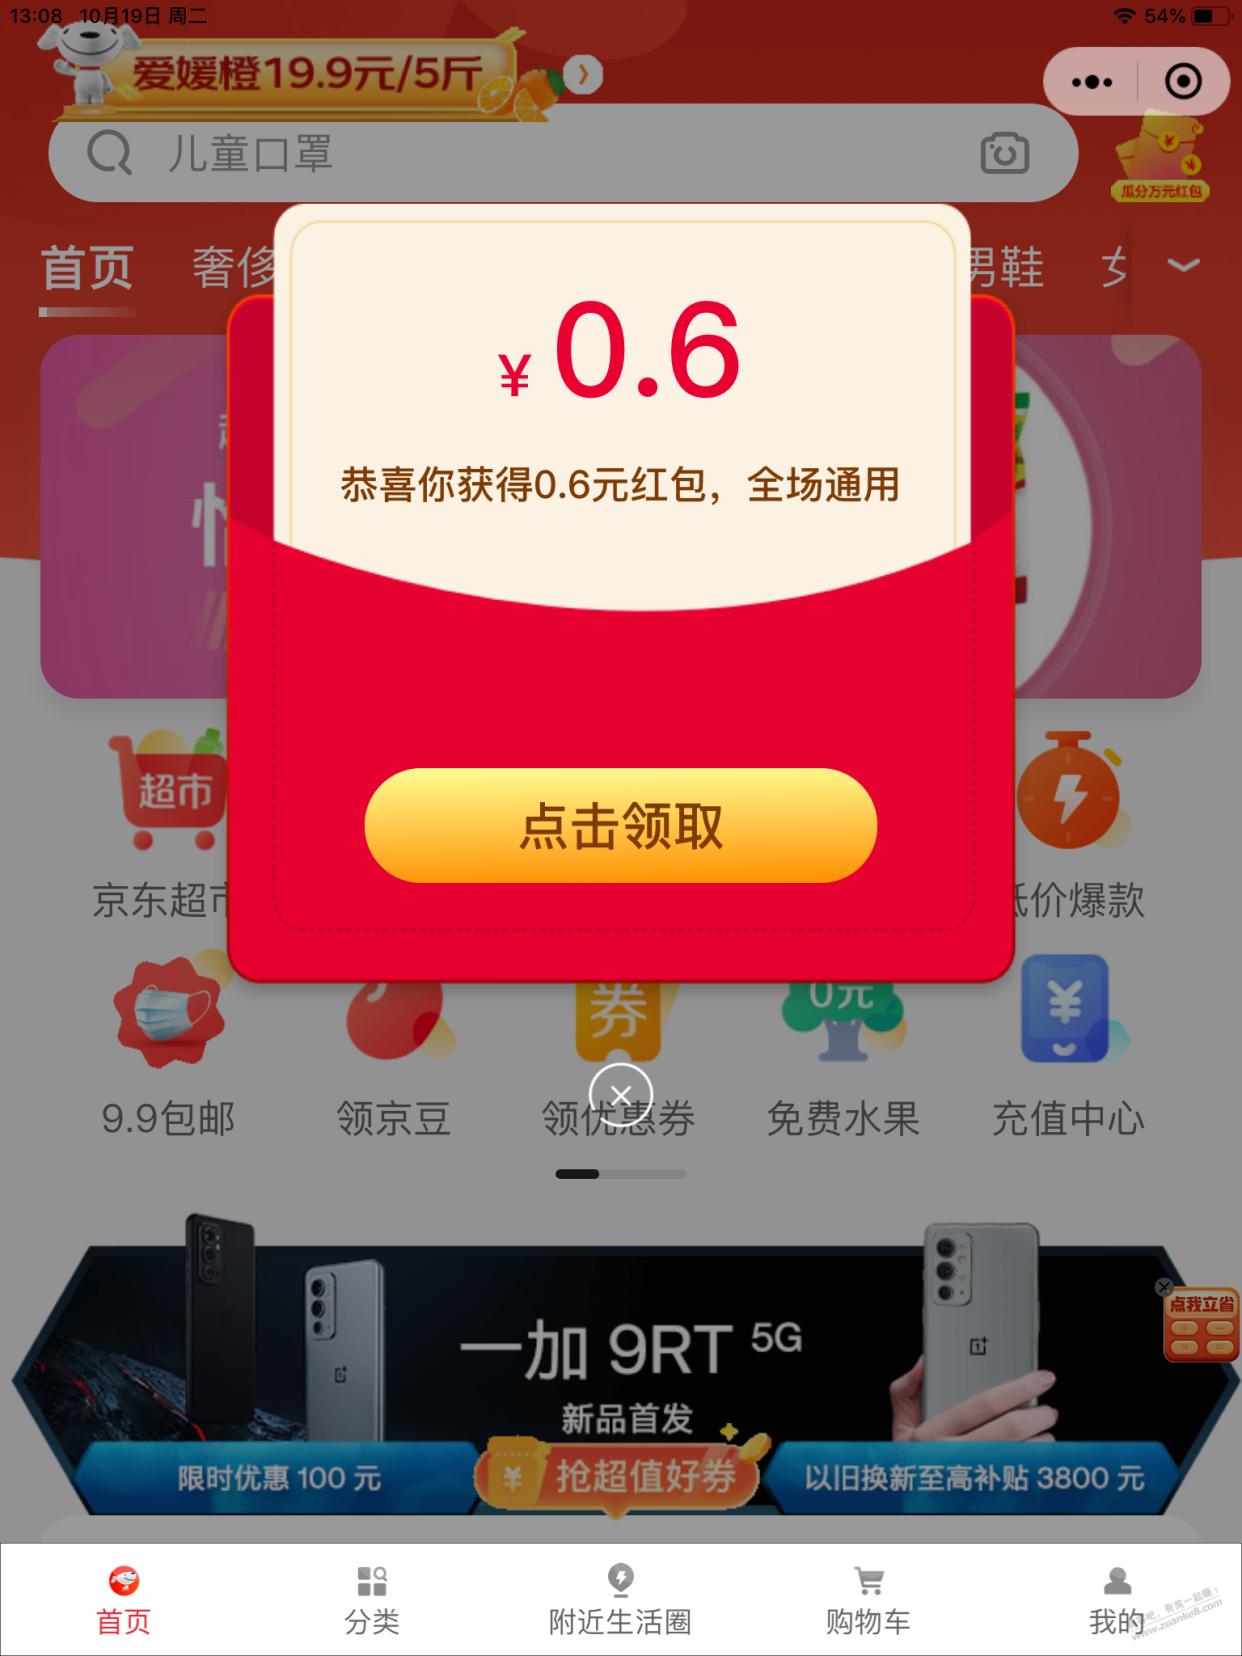 京东购物VX小程序3个红包